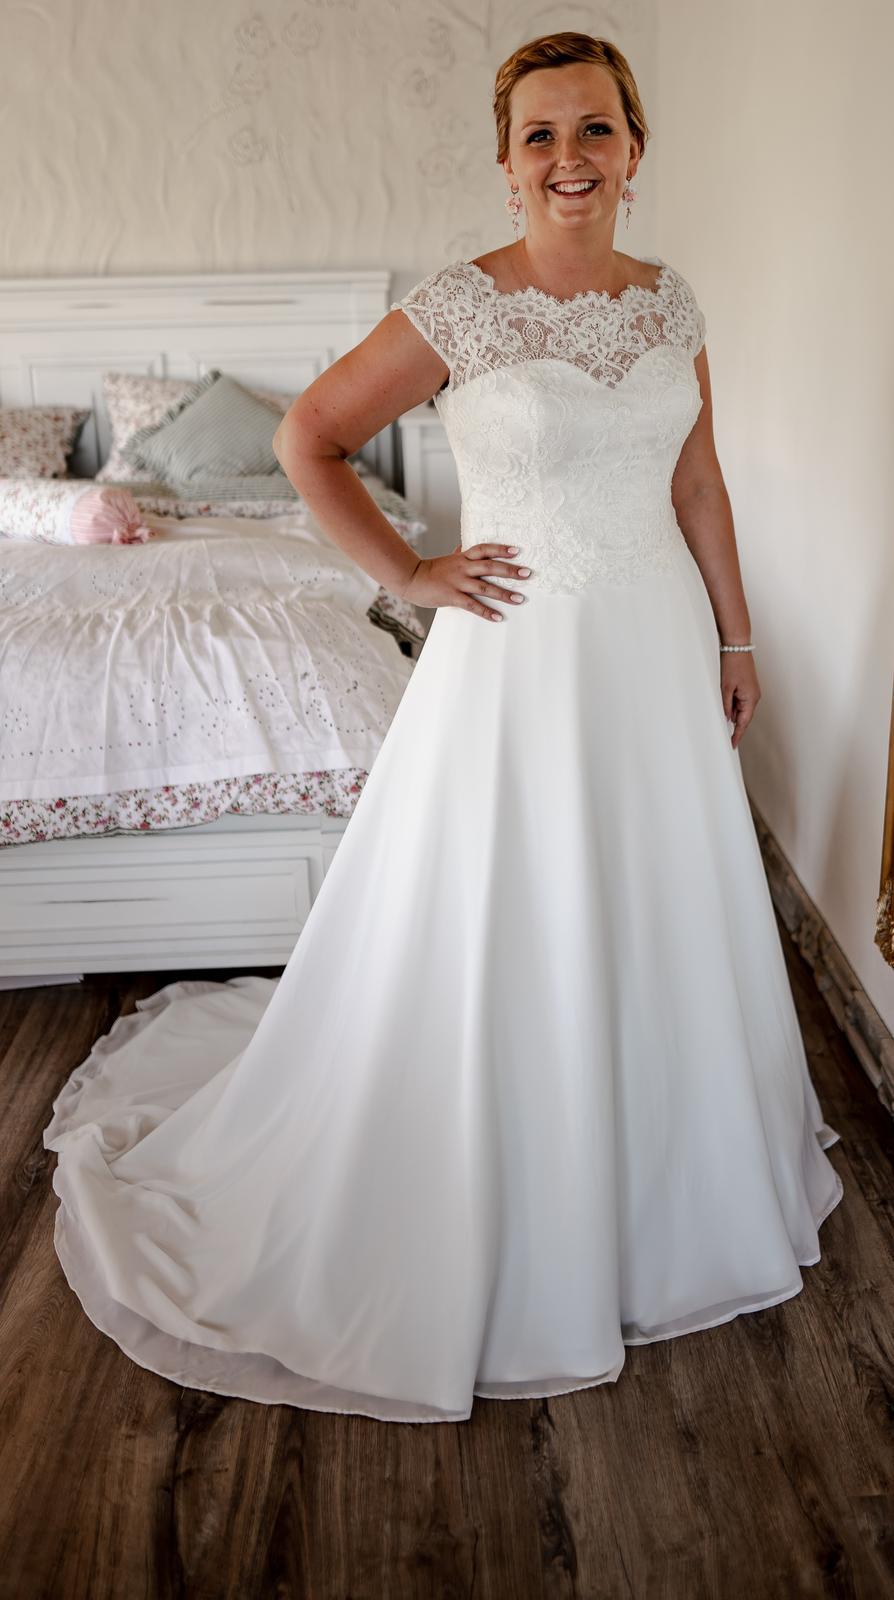 Svatební šaty vel 42 se závojem a krynolinou - Obrázek č. 1